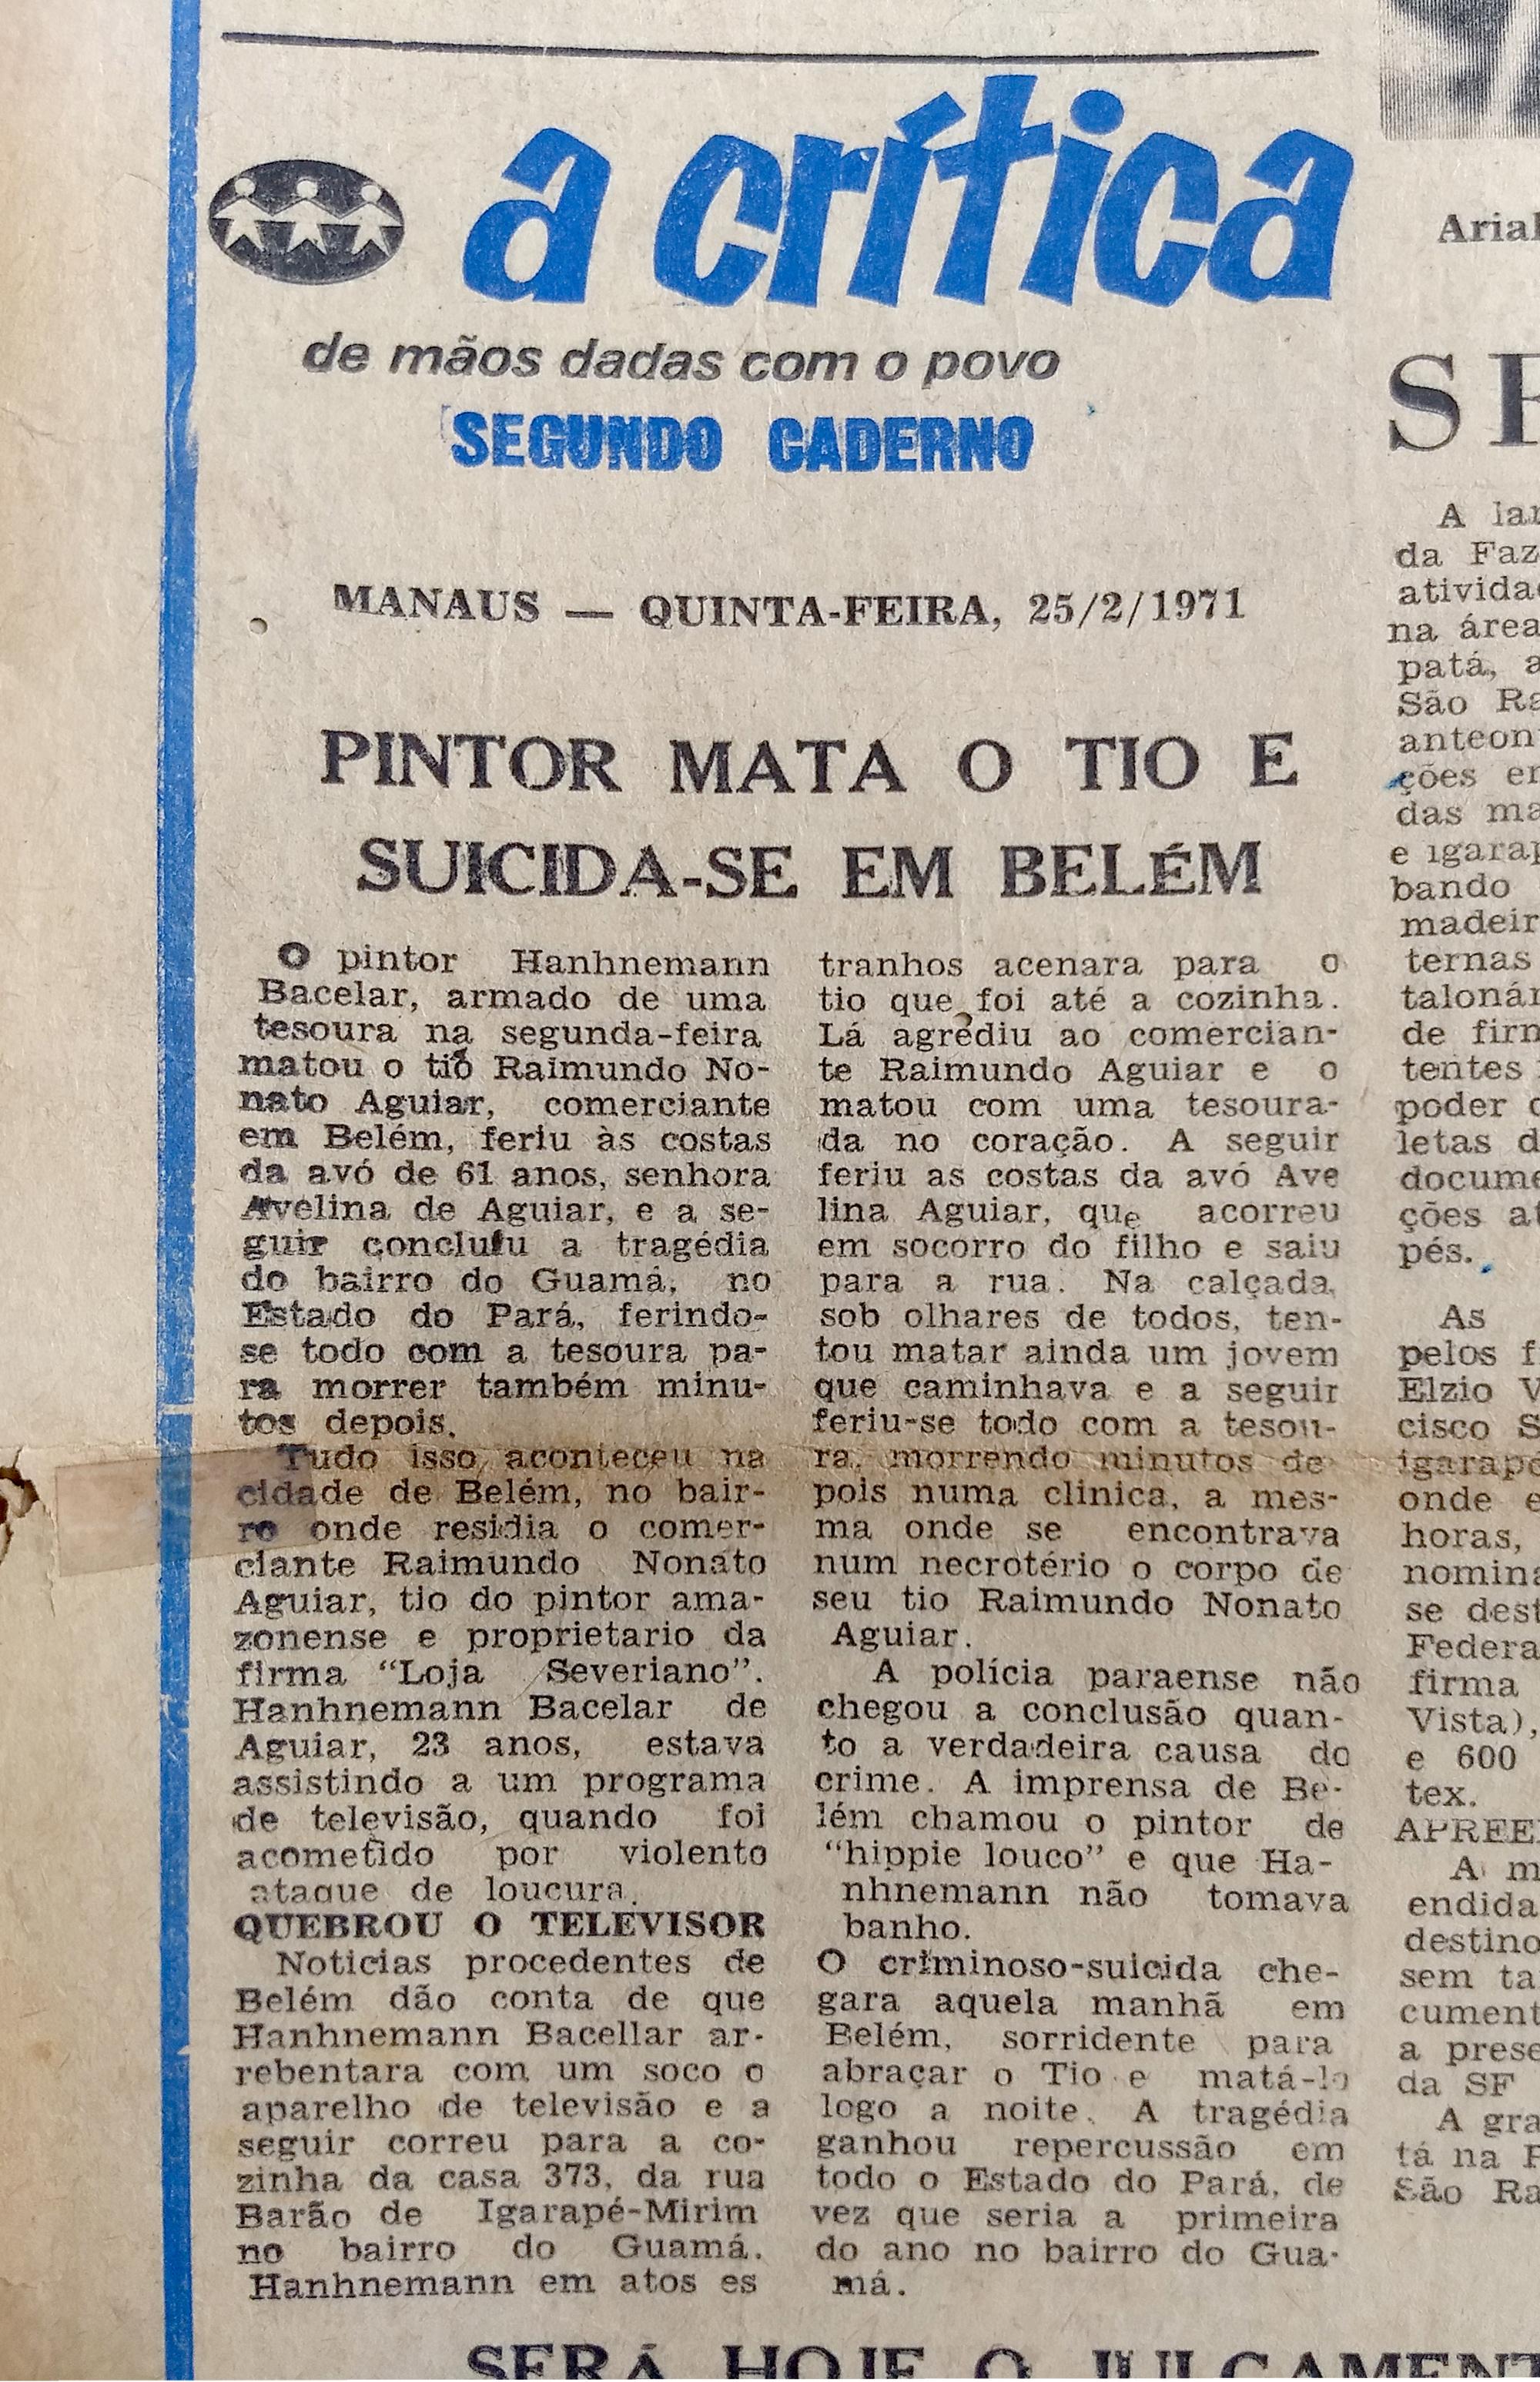 Notícia no A Crítica de Manaus, dias após a tragédia em Belém